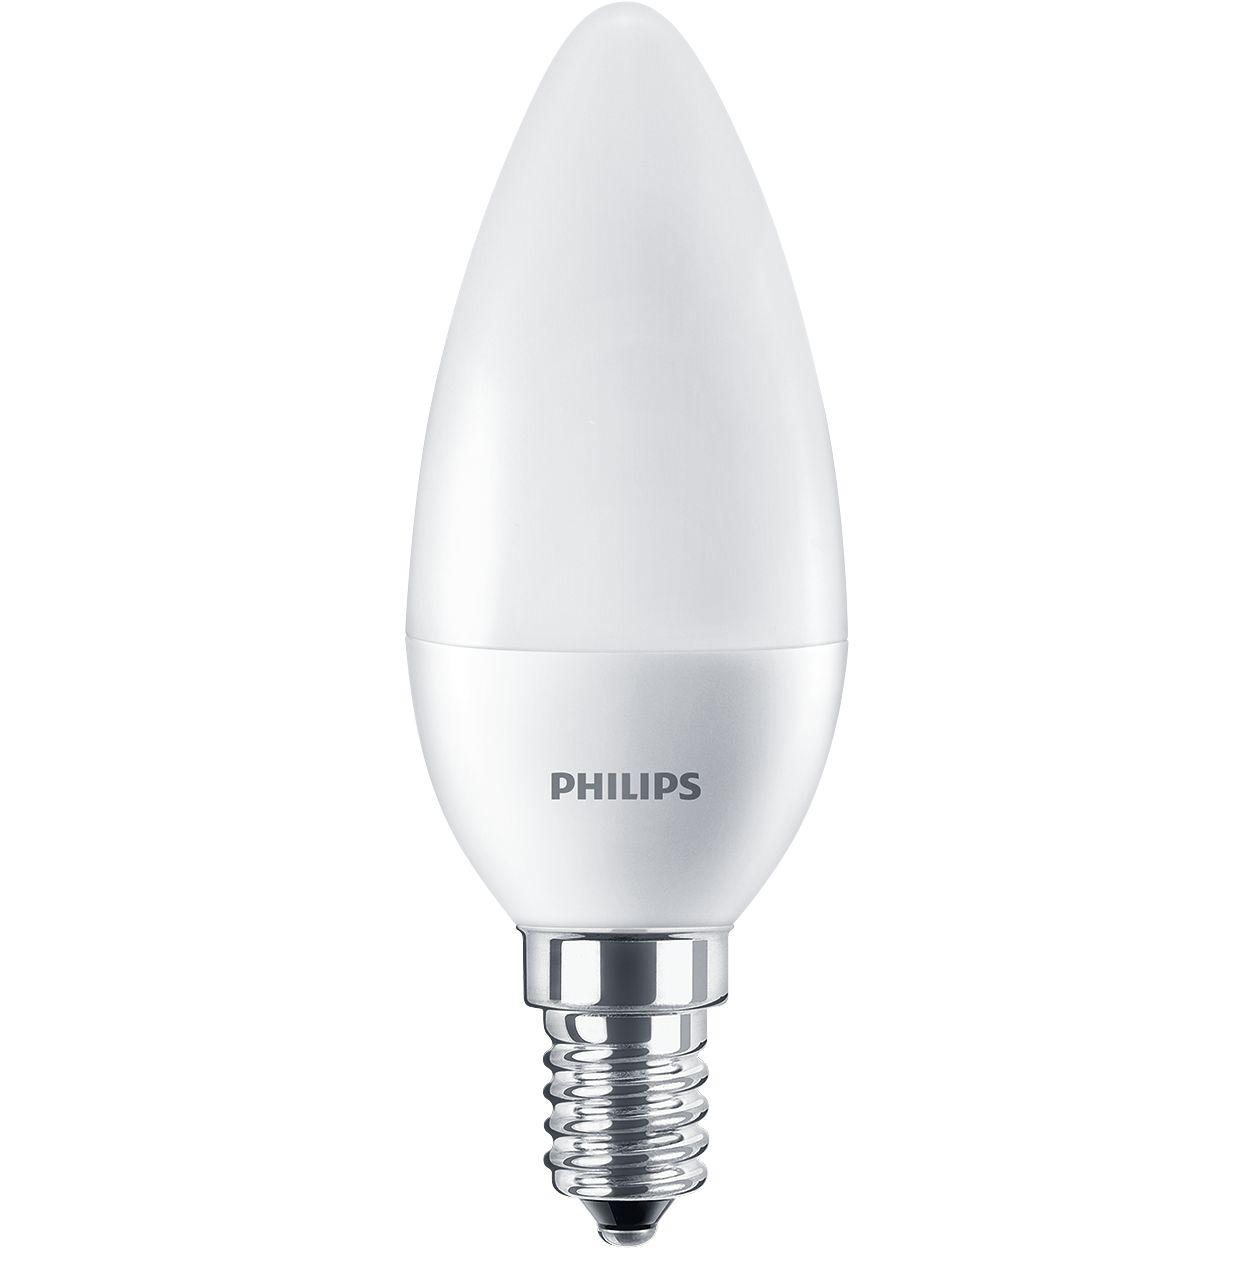 Philips Lampadina a LED - Lampadina a LED - Corecan60